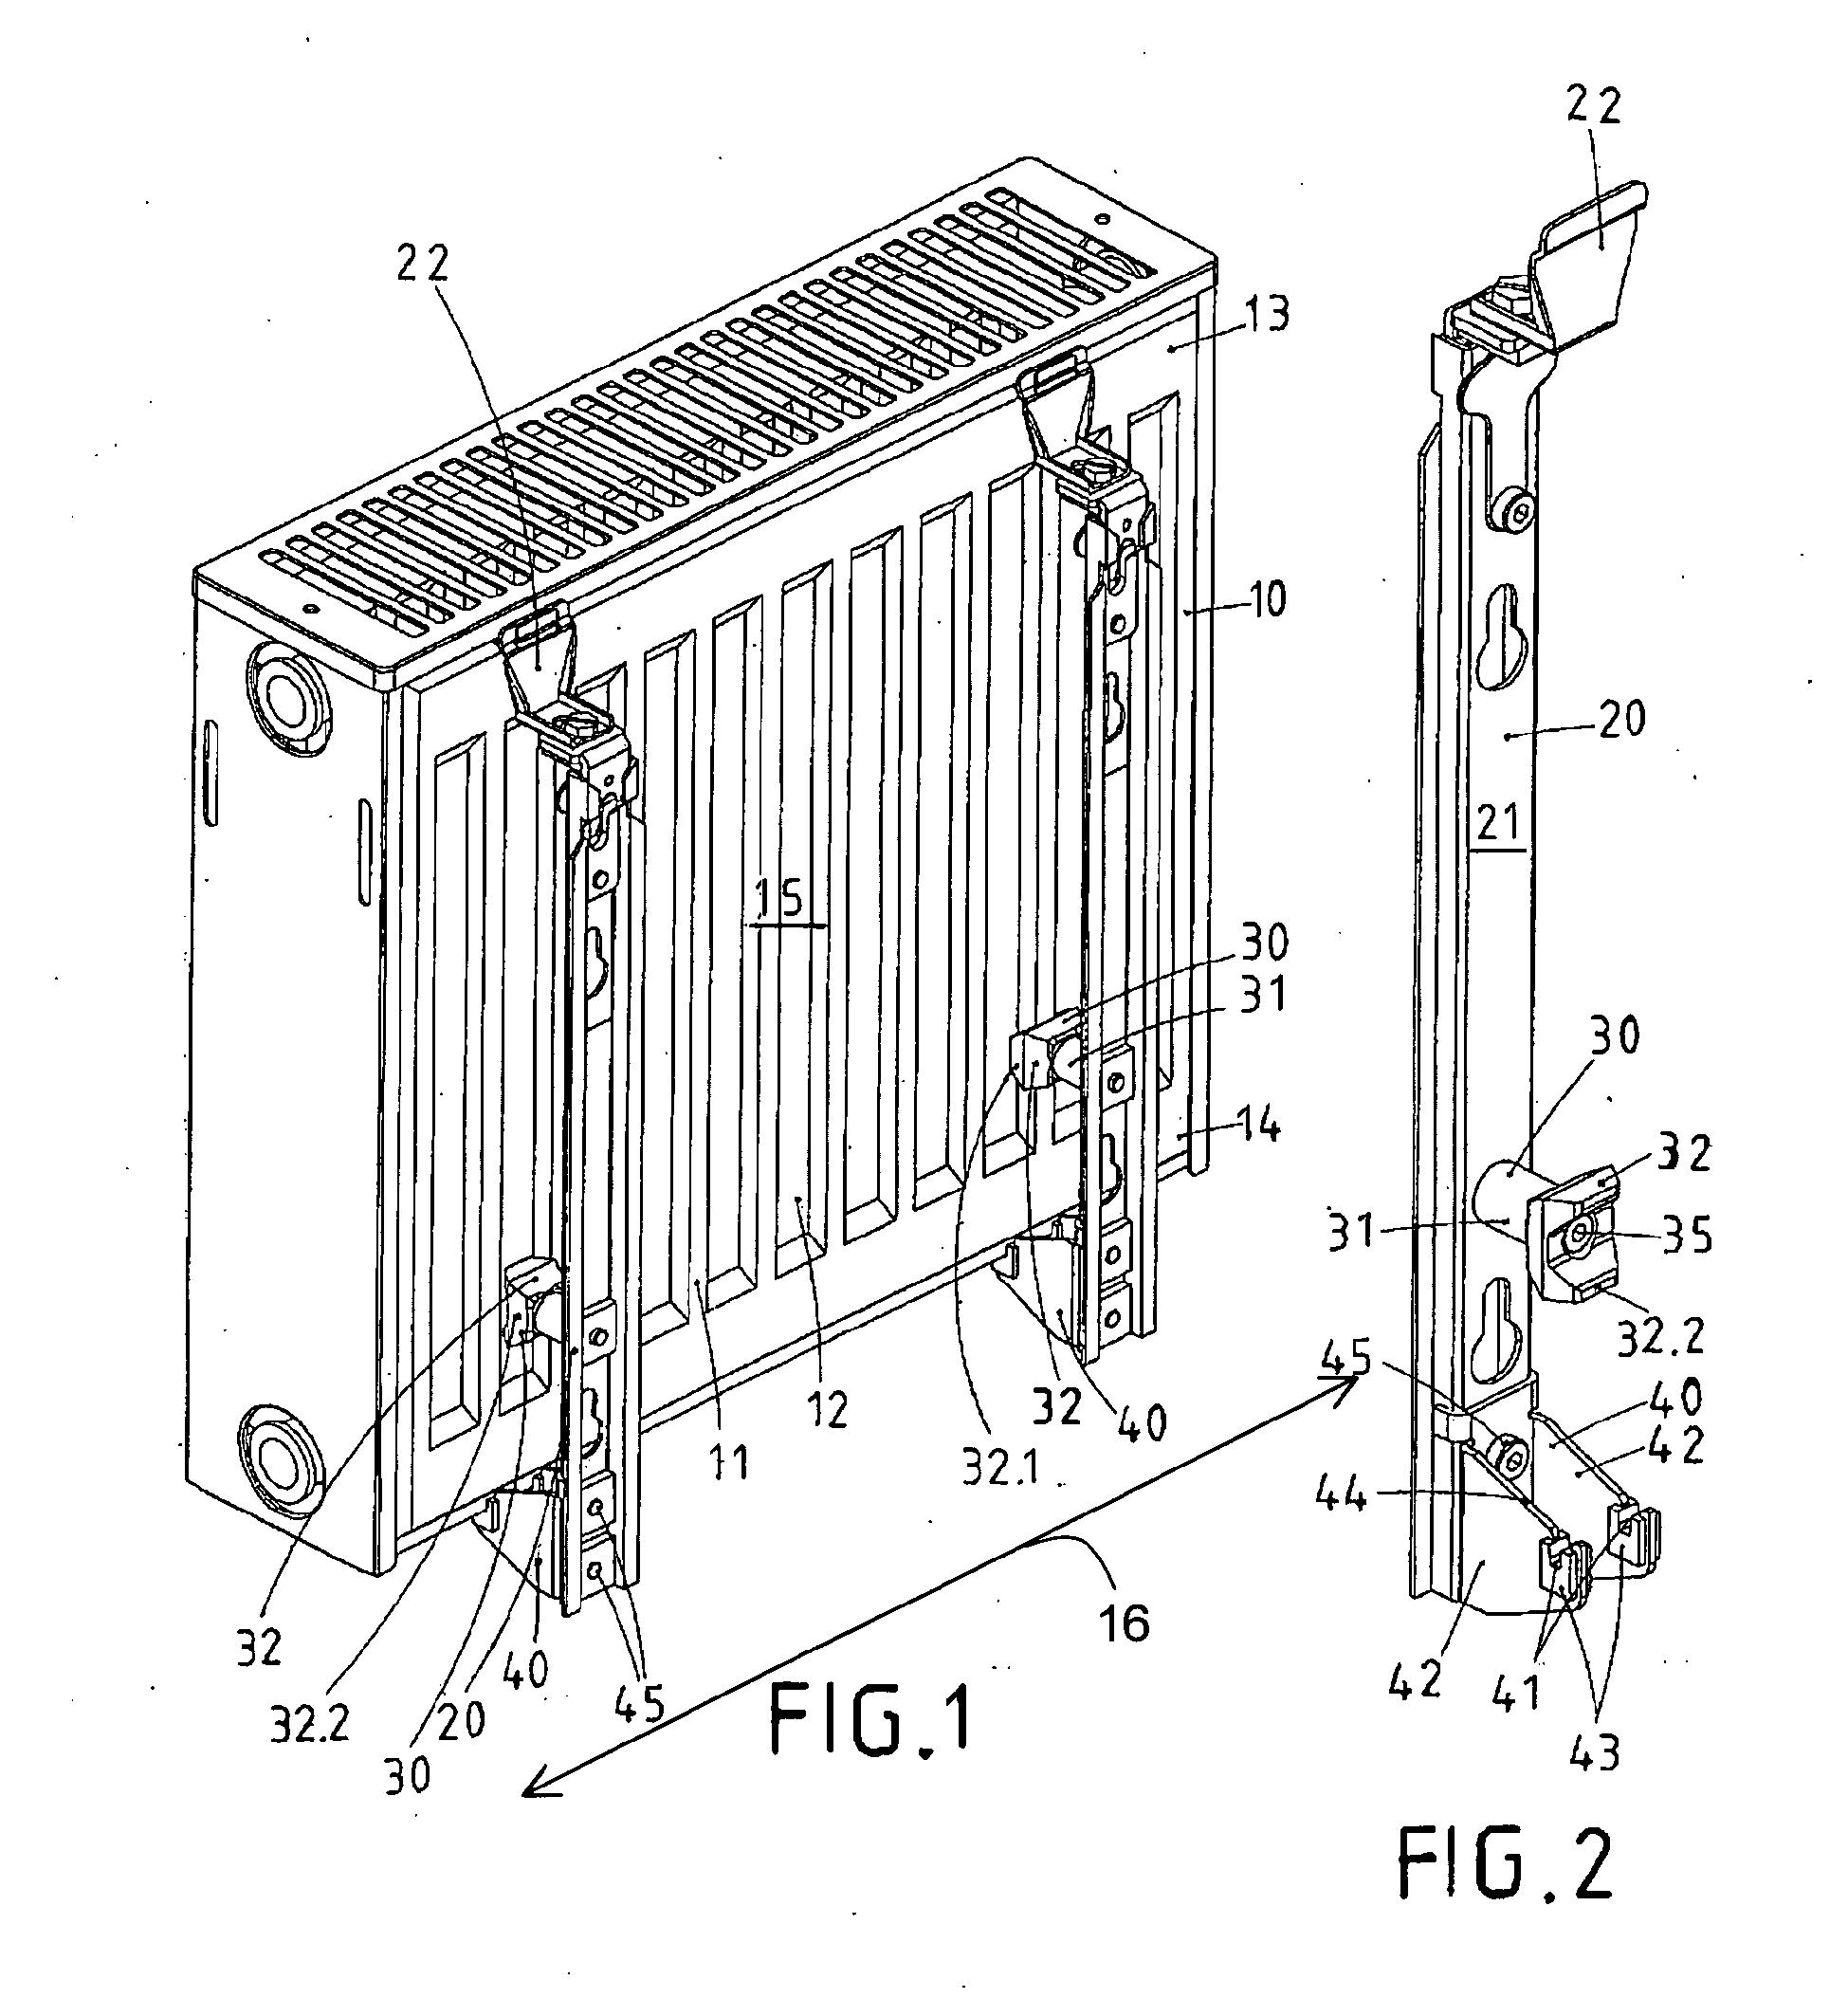 patent ep2333433a2 halterung f r einen plattenheizk rper und halterungssystem google patents. Black Bedroom Furniture Sets. Home Design Ideas